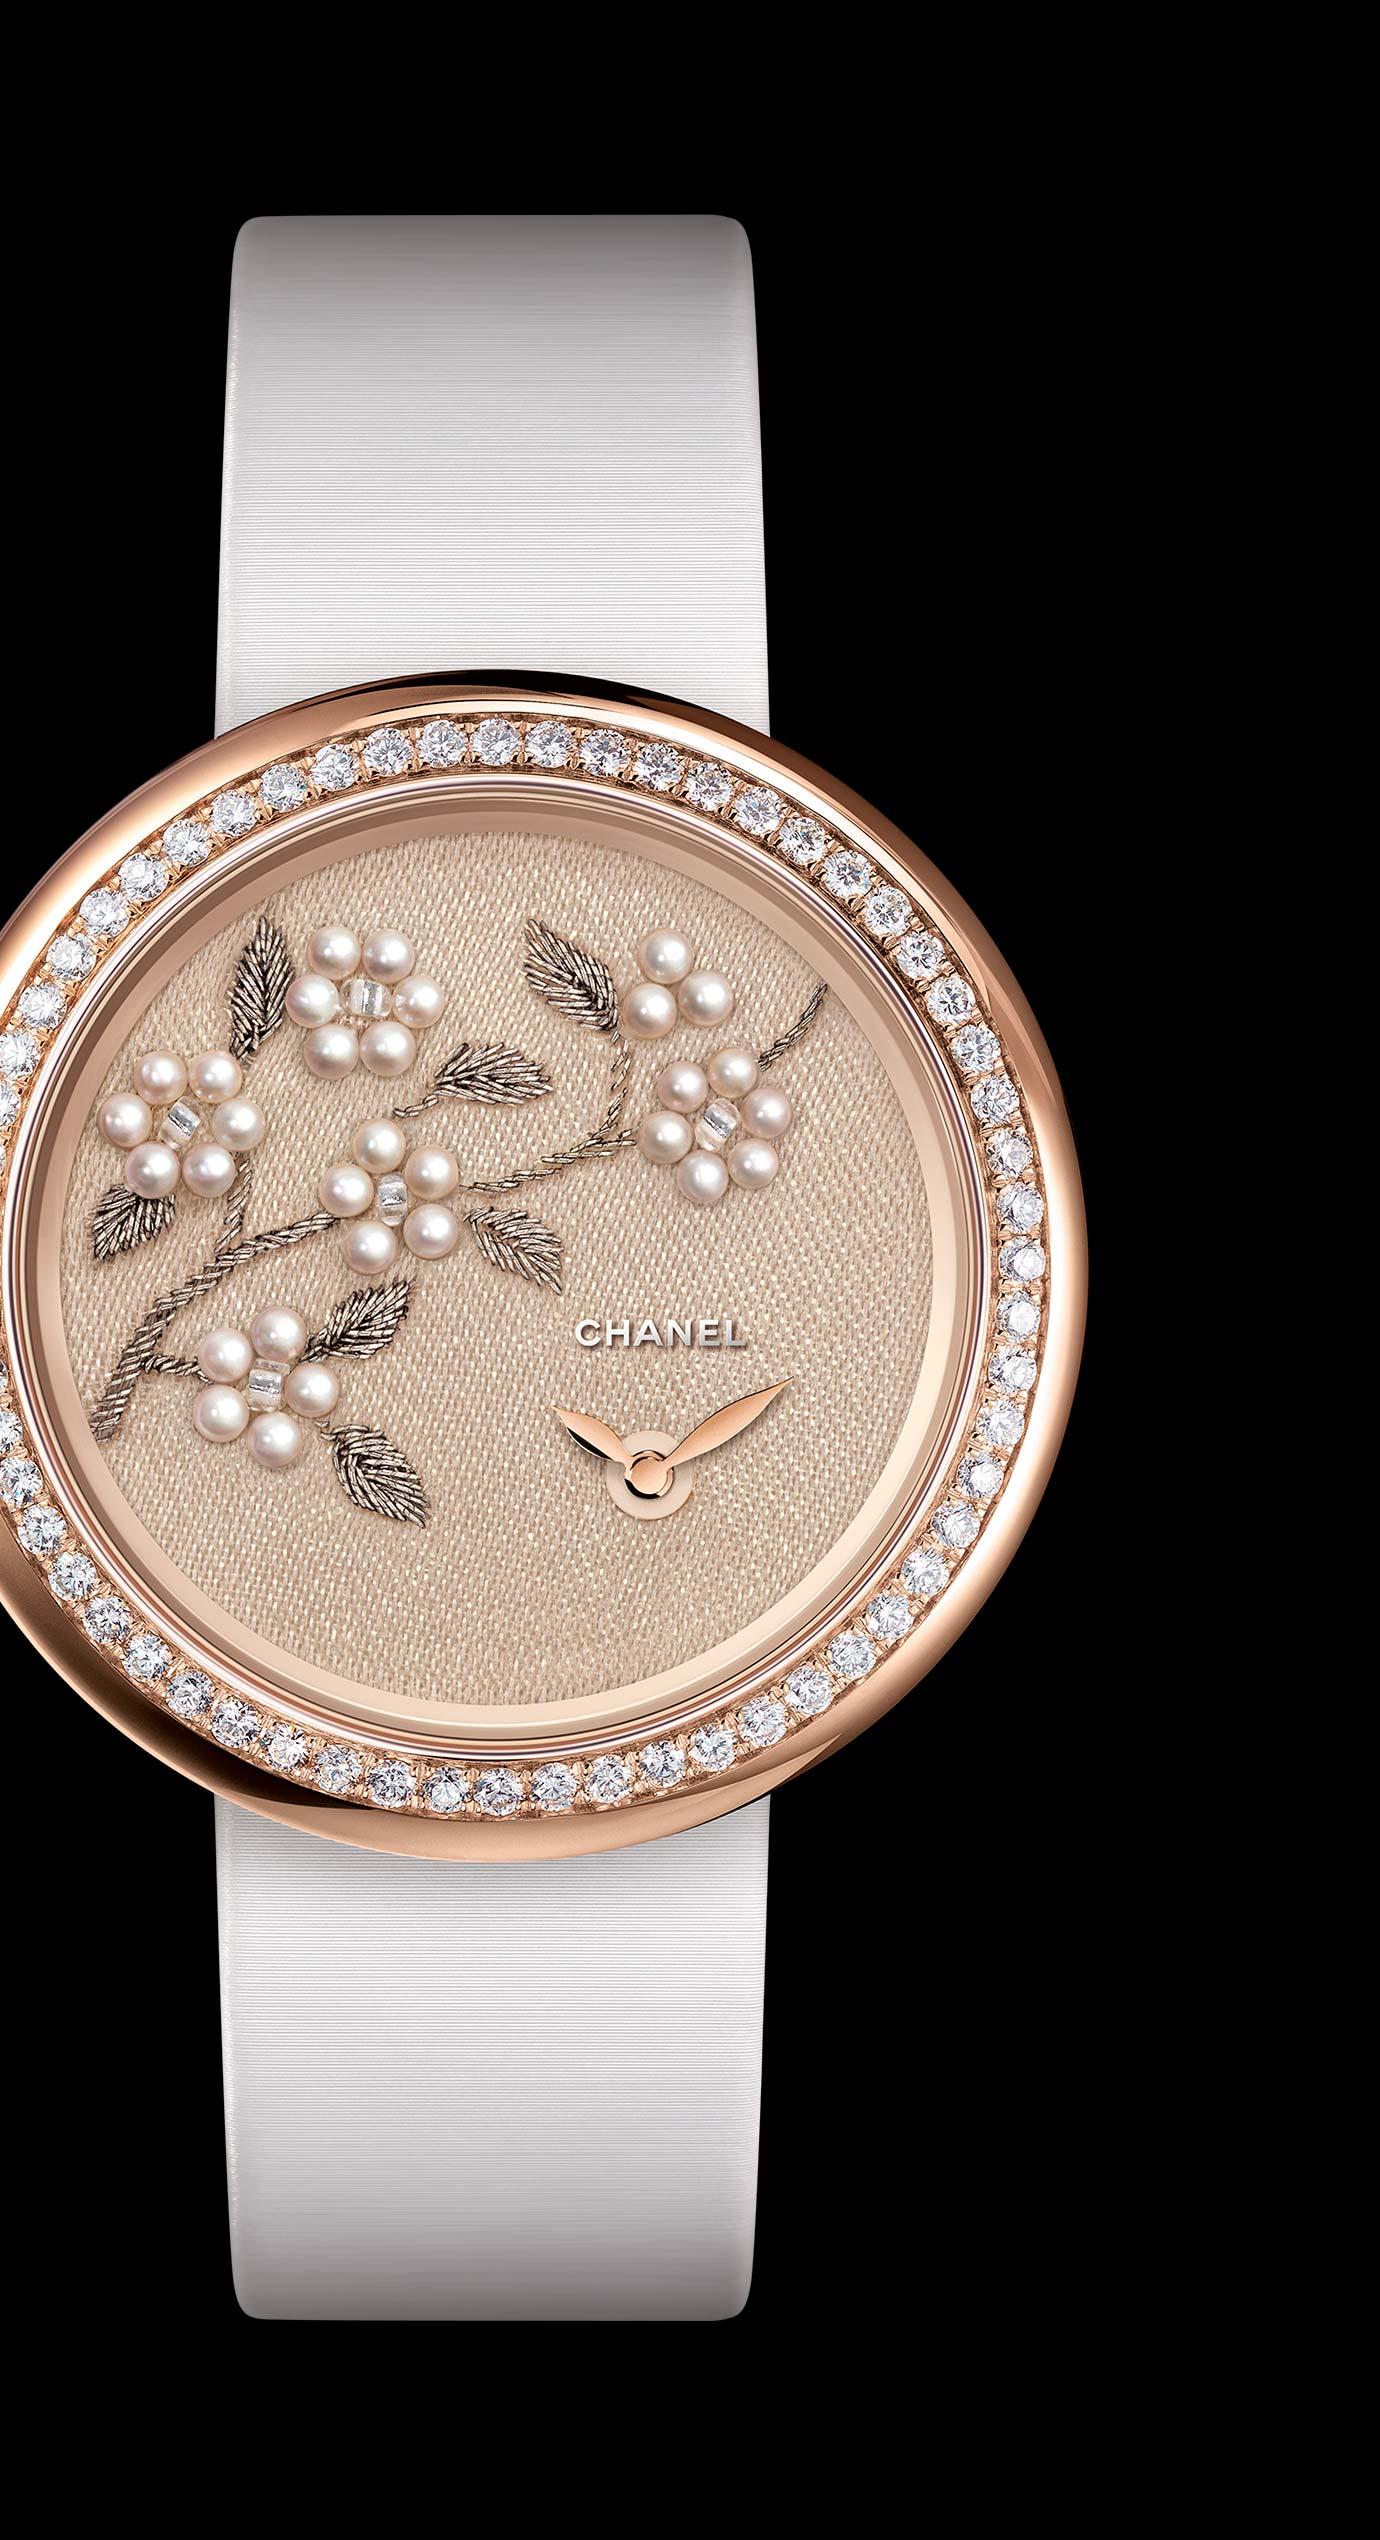 Reloj Mademoiselle Privé Camelias en hilo de oro, perlas finas y perlas de vidrio - Bordado Lesage. - Vista ampliada